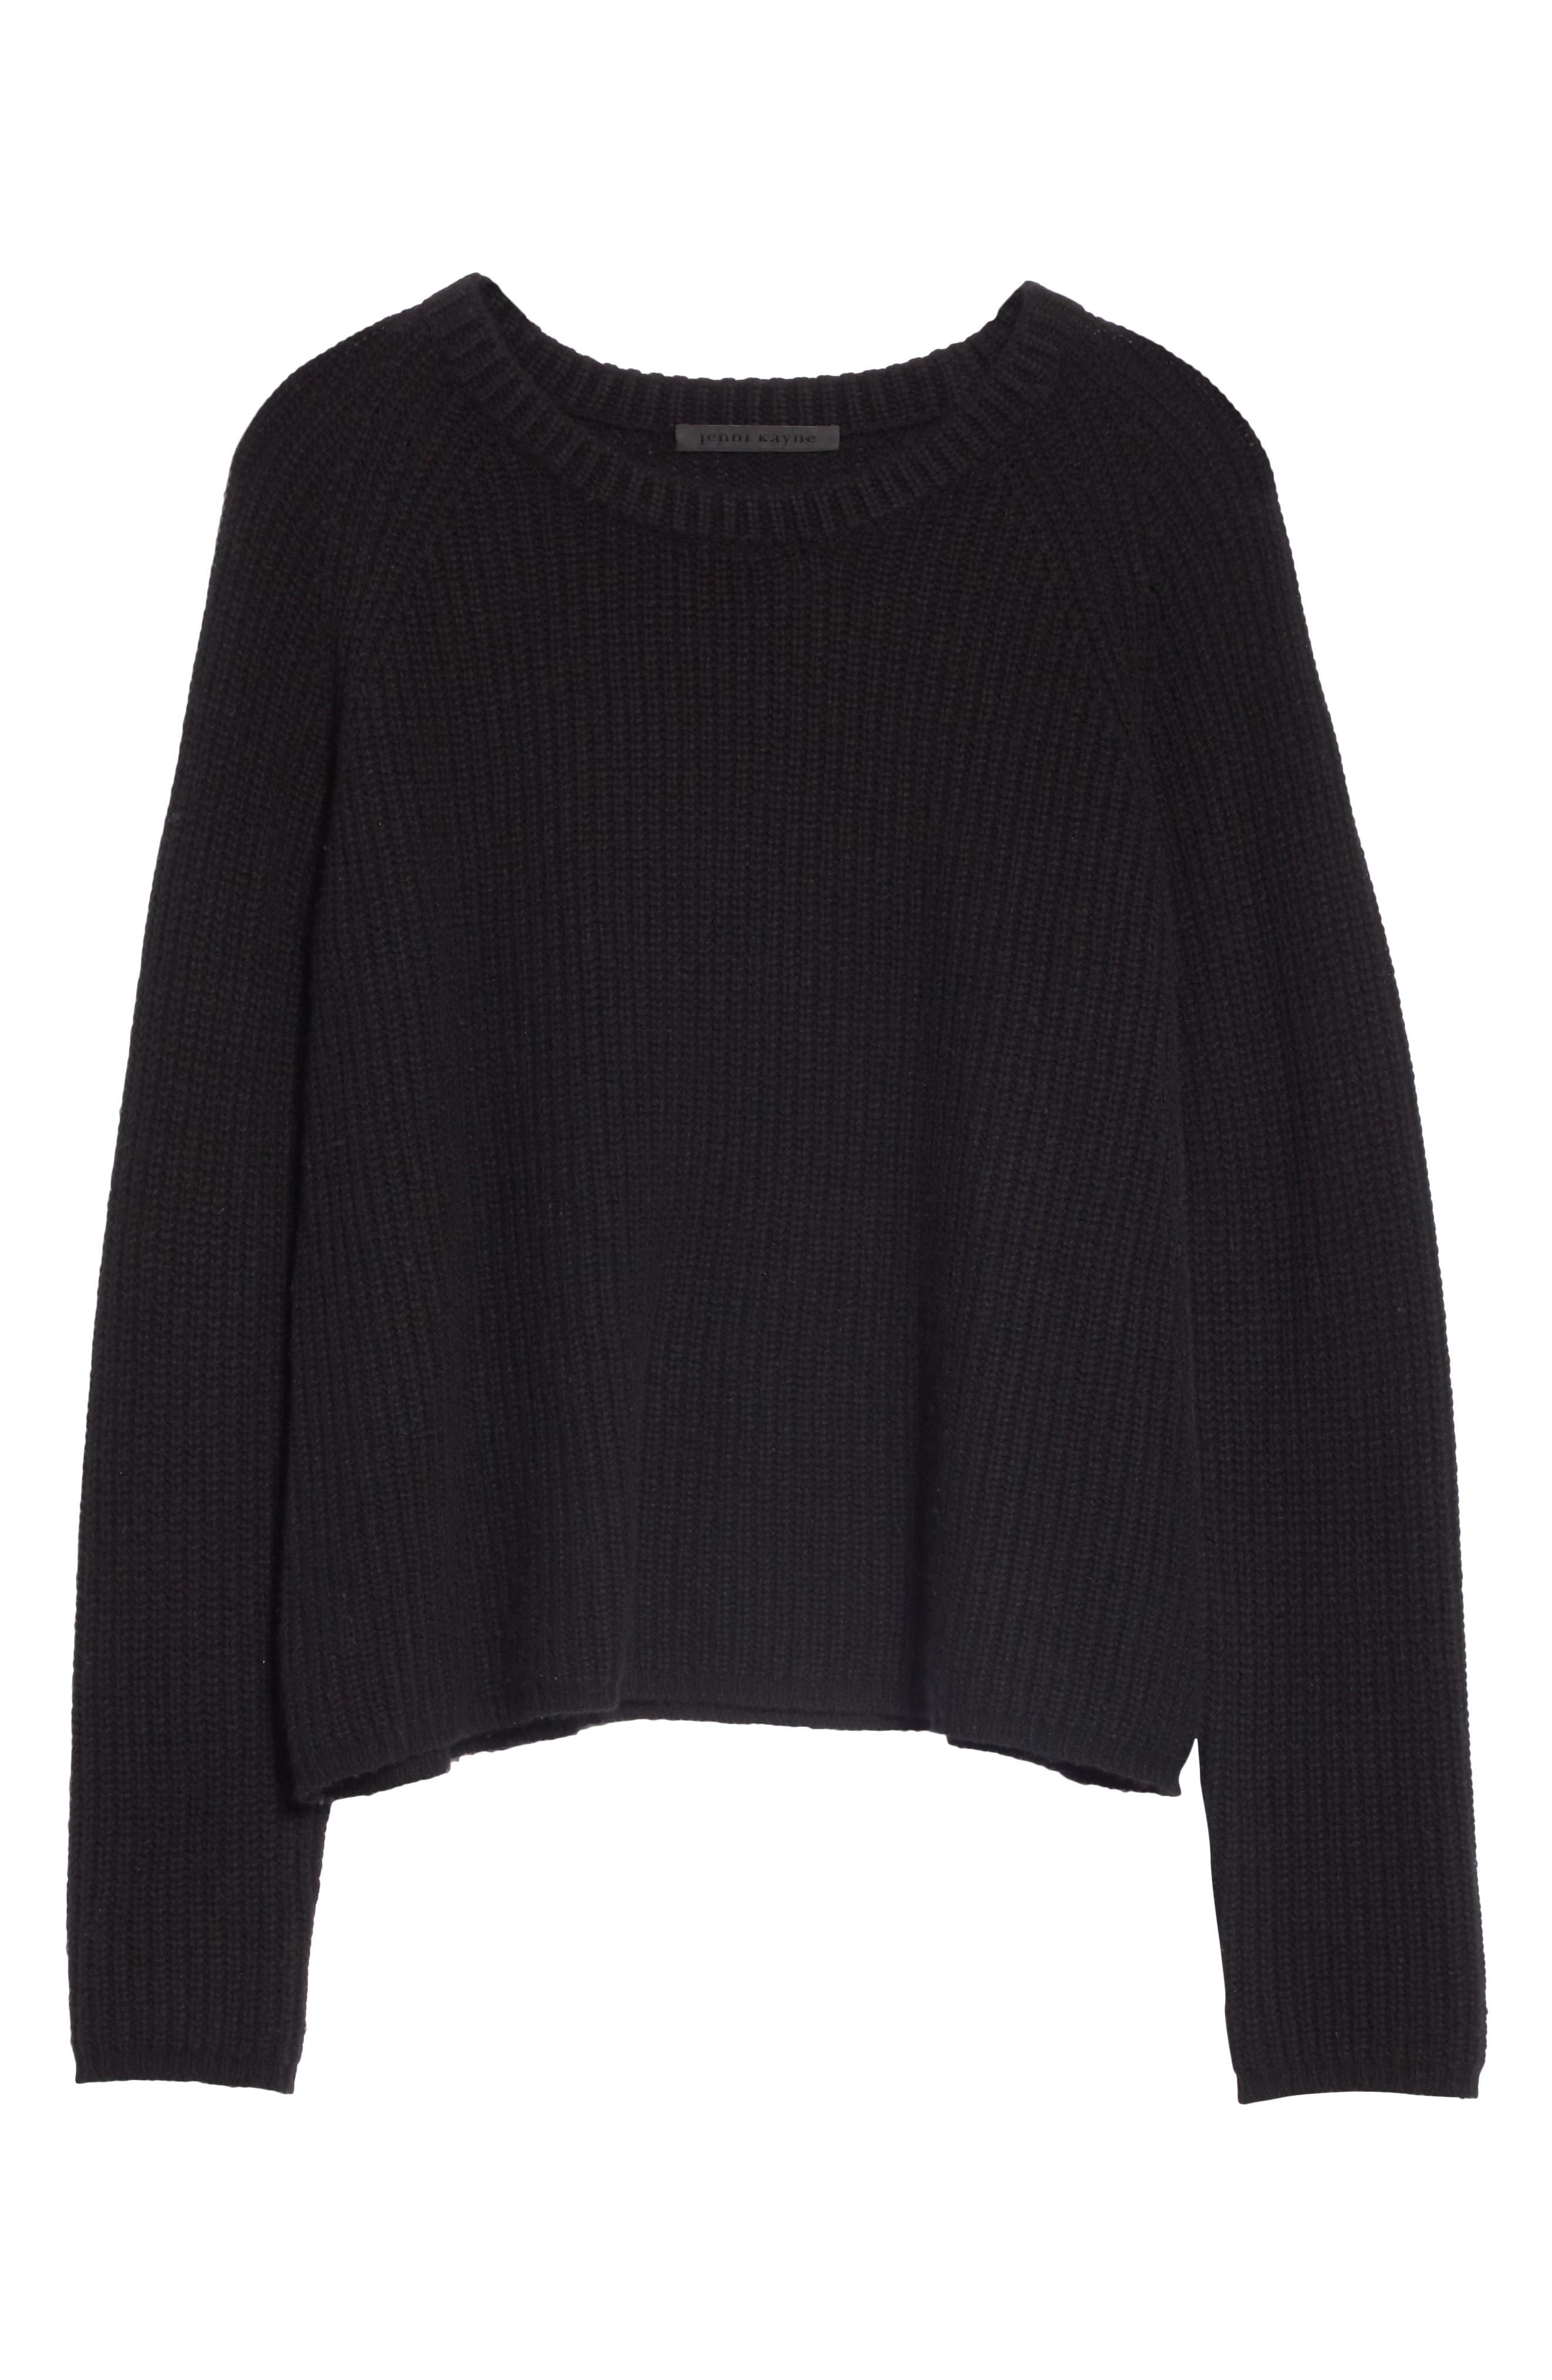 JENNI KAYNE,                             Fisherman Crewneck Cashmere Sweater,                             Alternate thumbnail 6, color,                             001